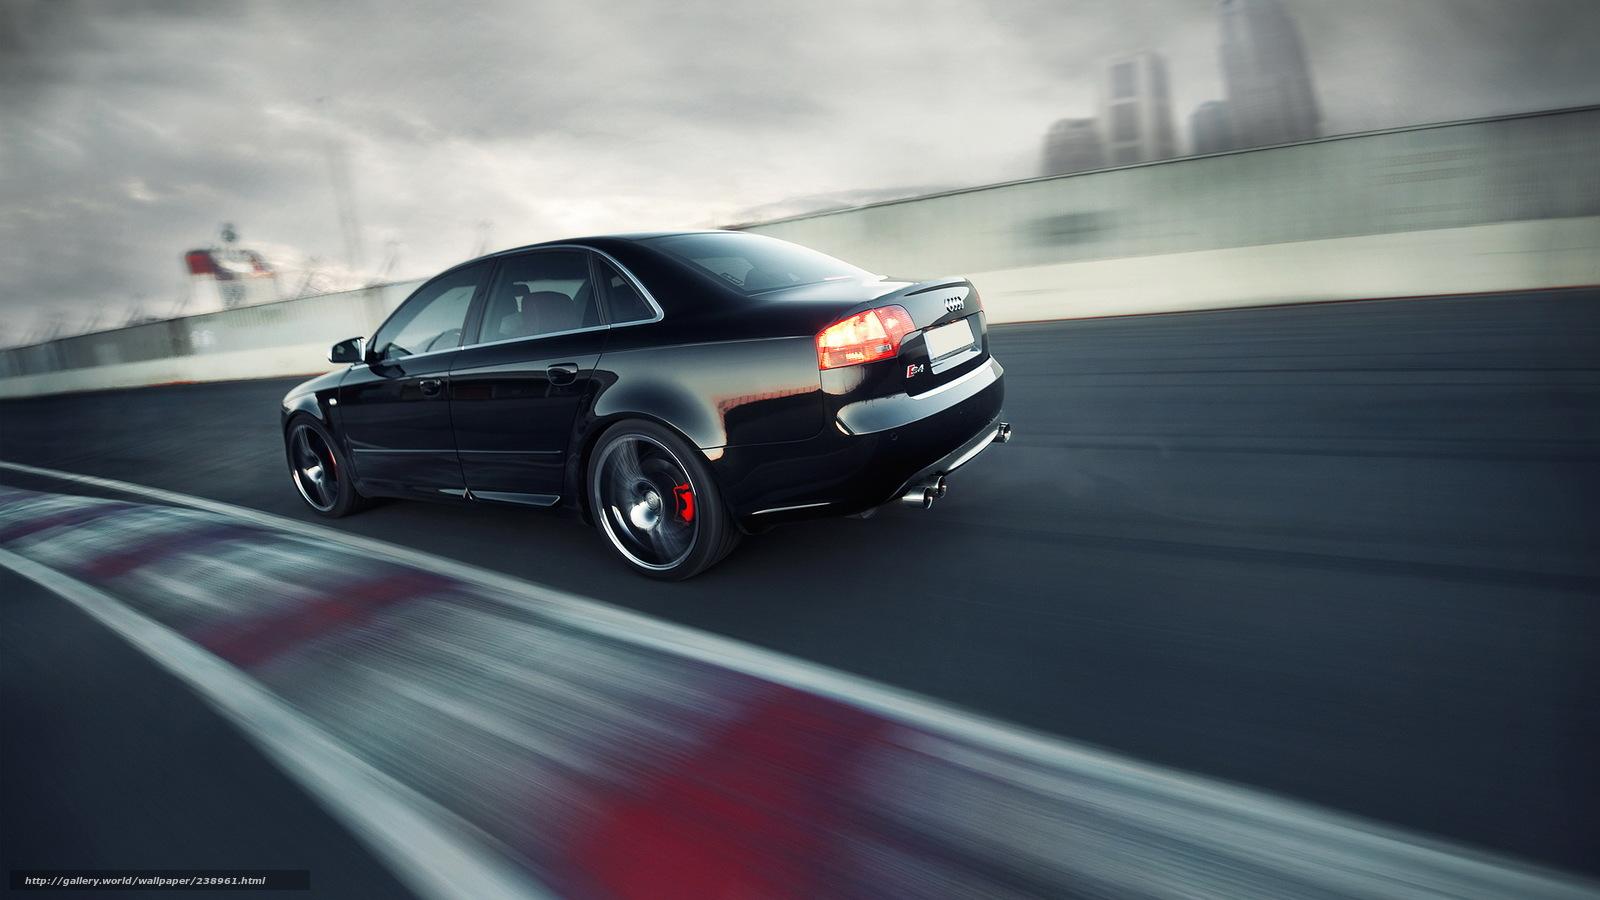 Audi a4 обои для рабочего стола